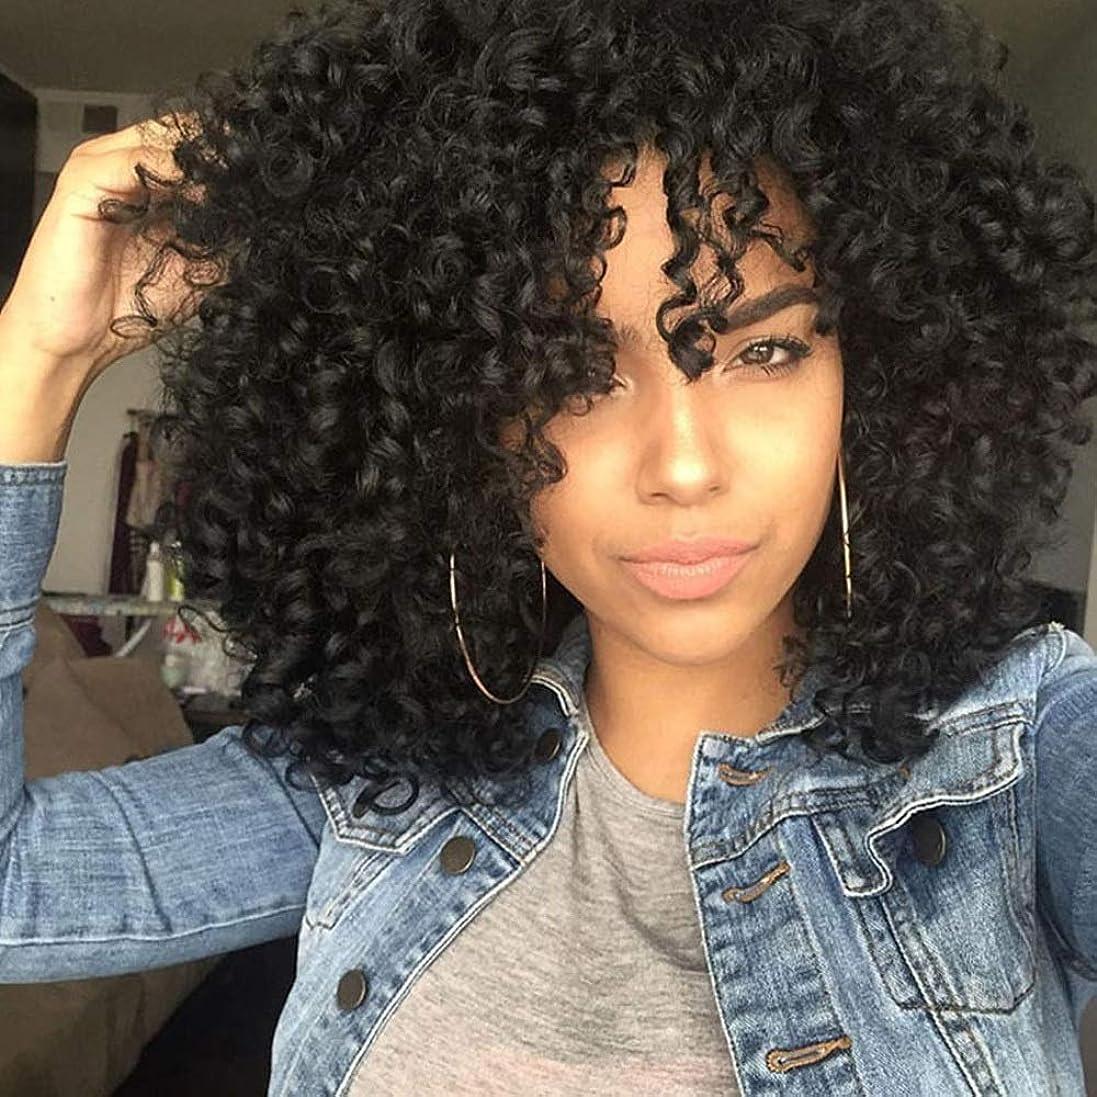 優勢ポーク遺伝子かつら 黒人女性のパーティーのかつらのためのファッション黒の爆発ヘッド人工毛のアフリカの小さな波かつら (色 : 黒)